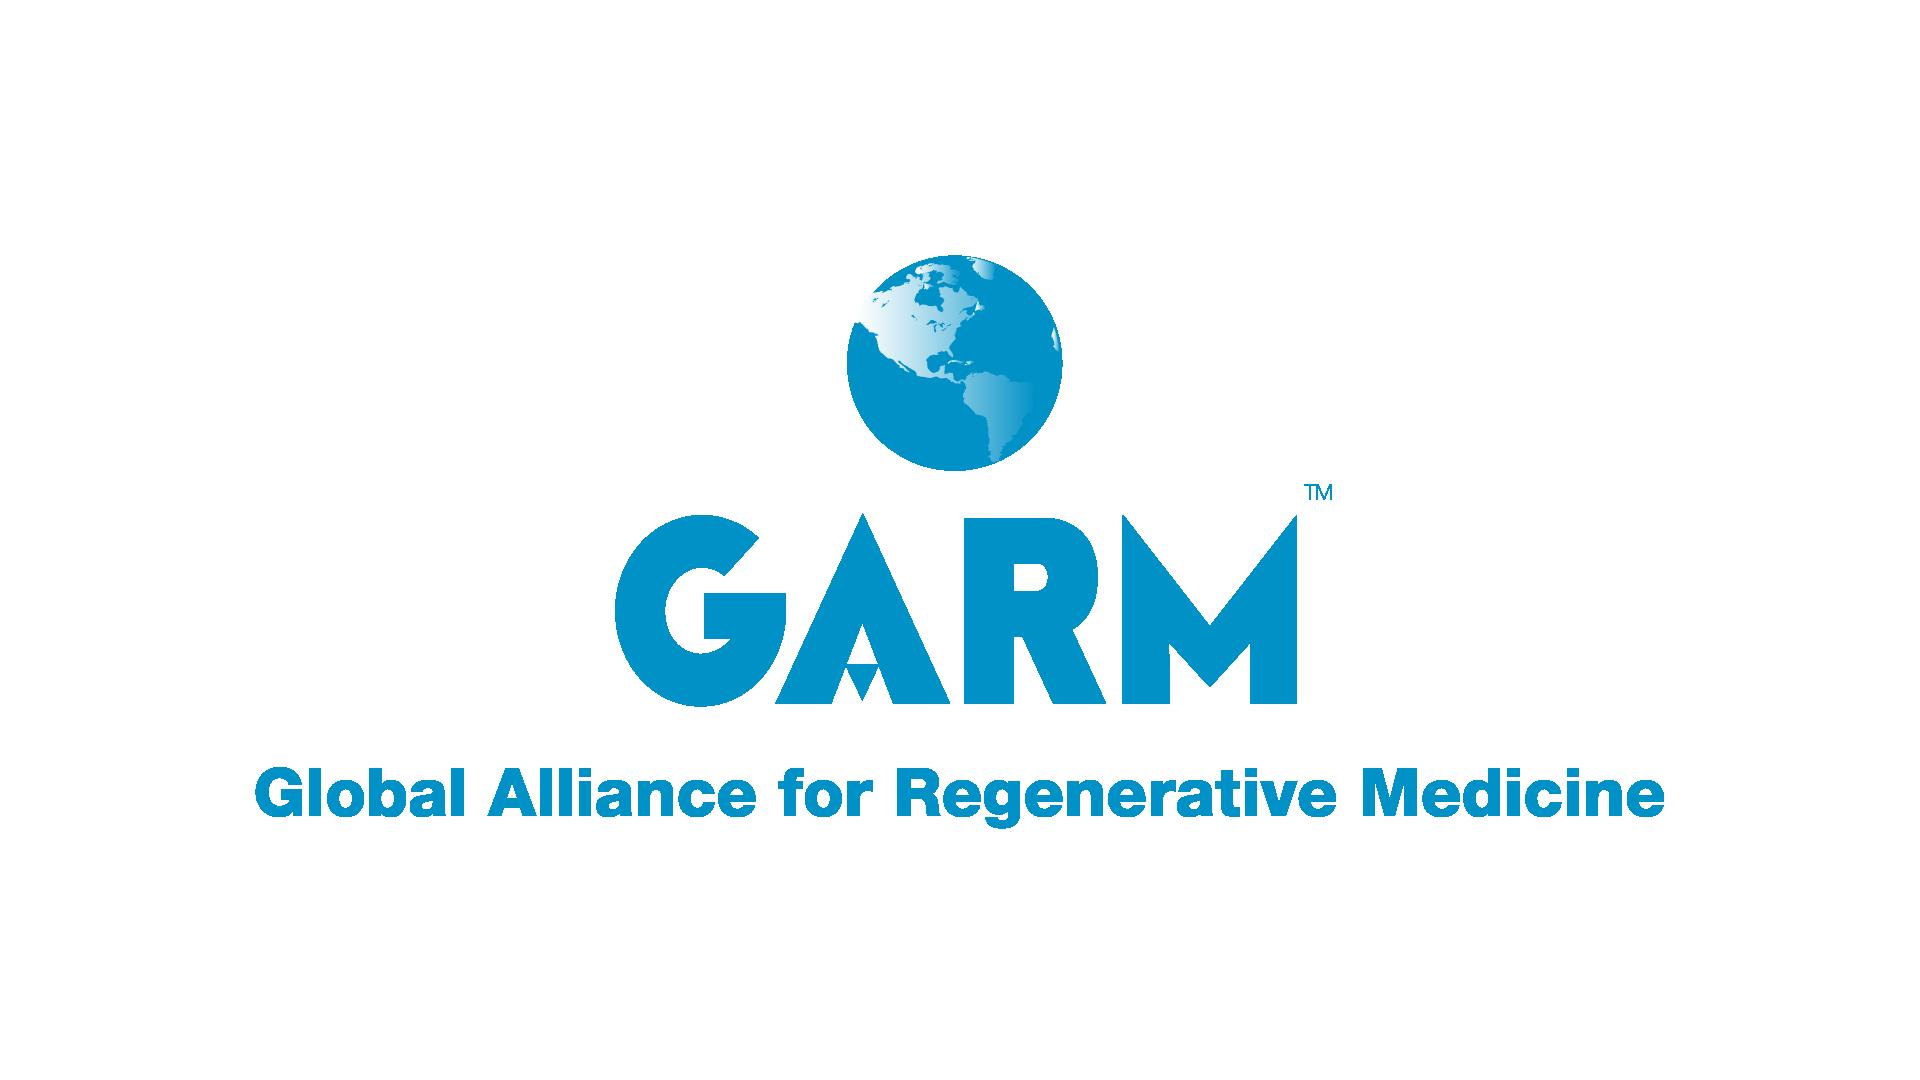 GARM Clinic, Parrot Tree, Roatan